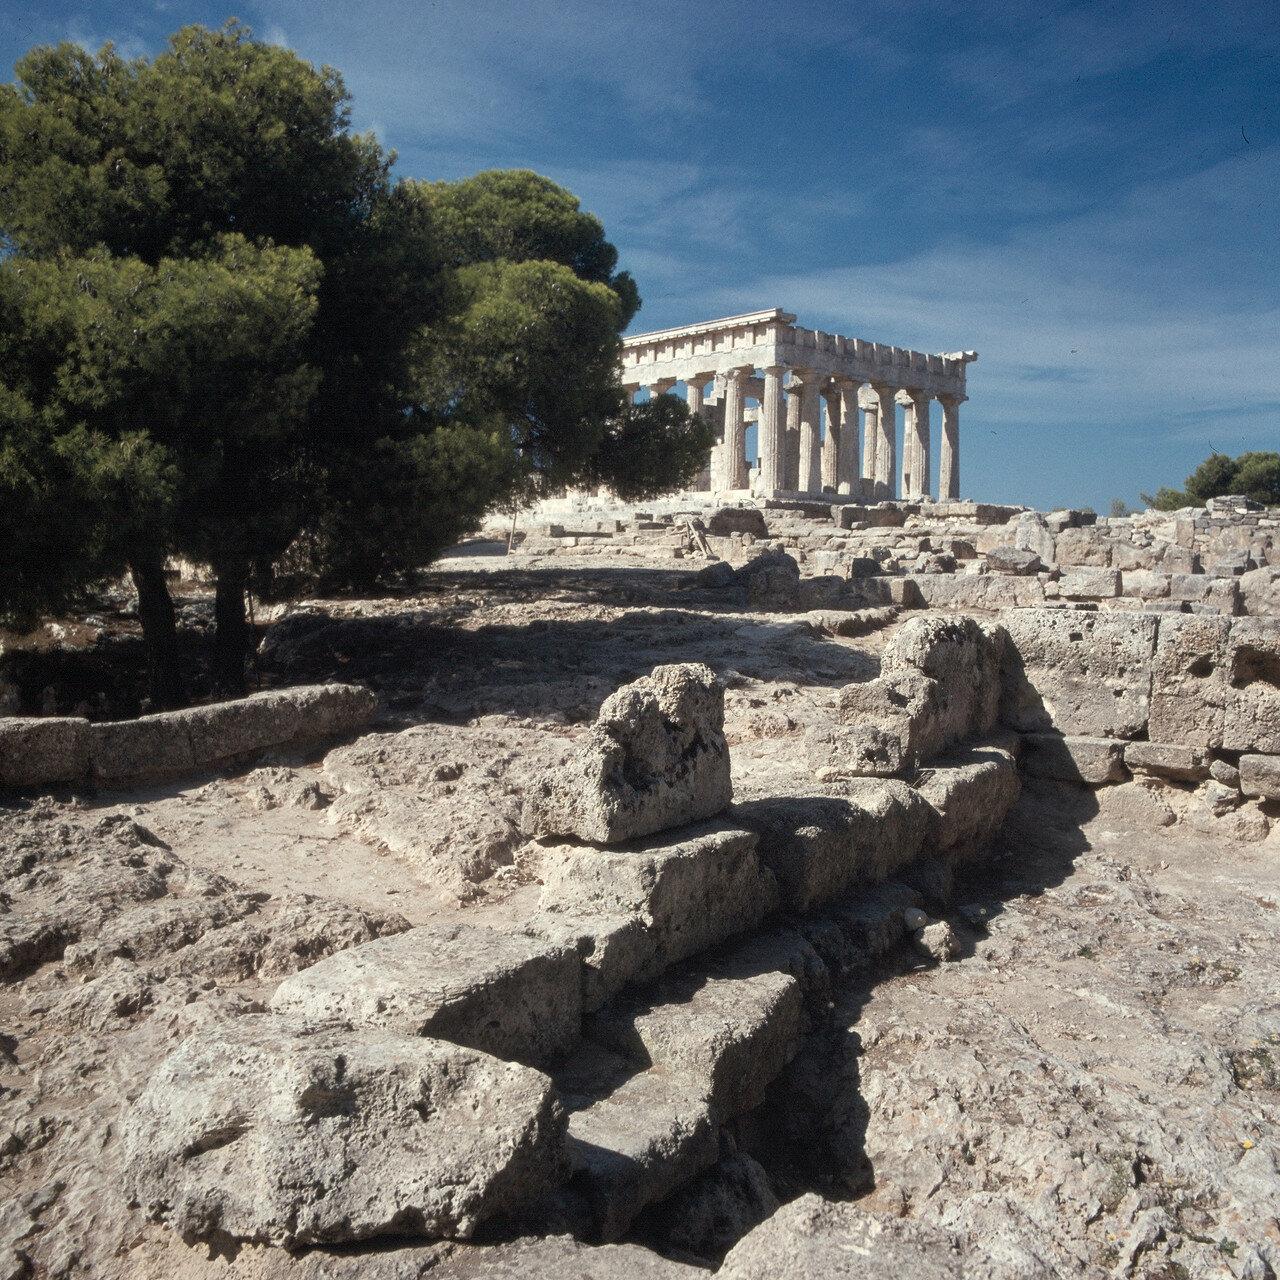 07. Храм стоял среди террасообразного священного участка. На снимке: Вид с юго-востока, от Пропилеи